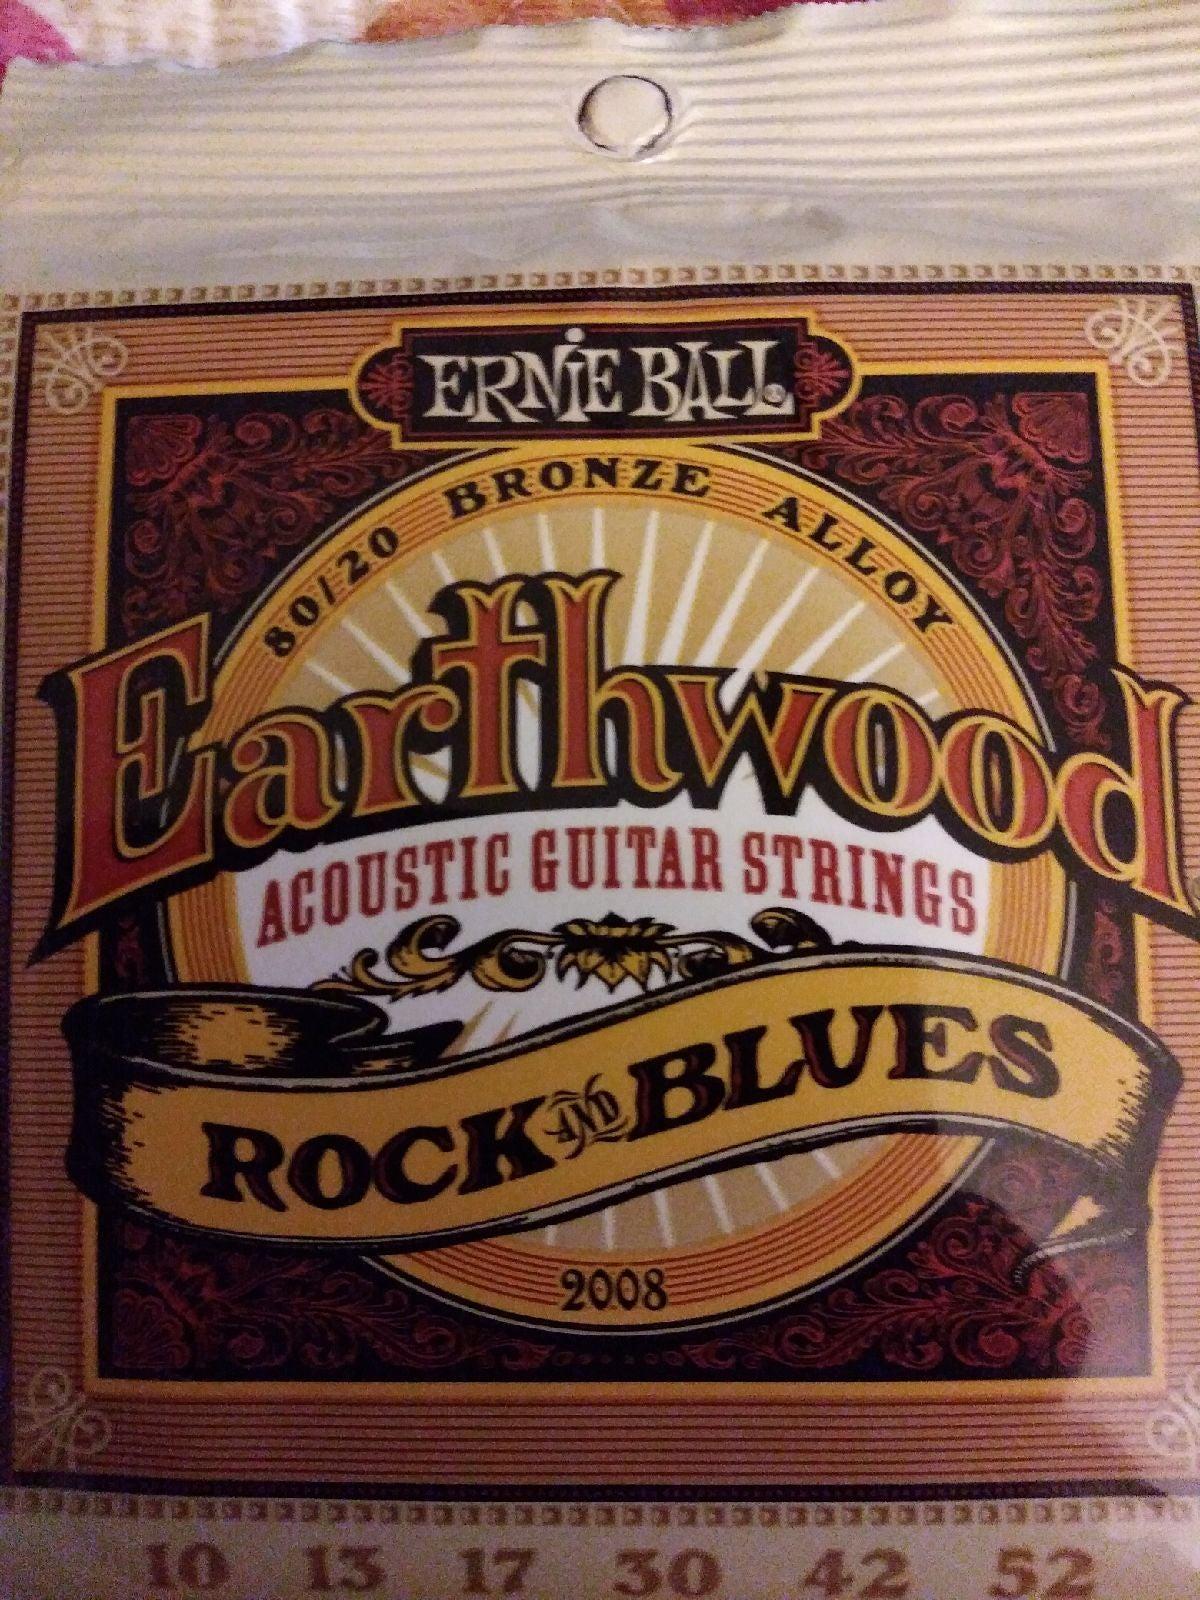 Ernie Ball Rock & Blues Guitar Strings